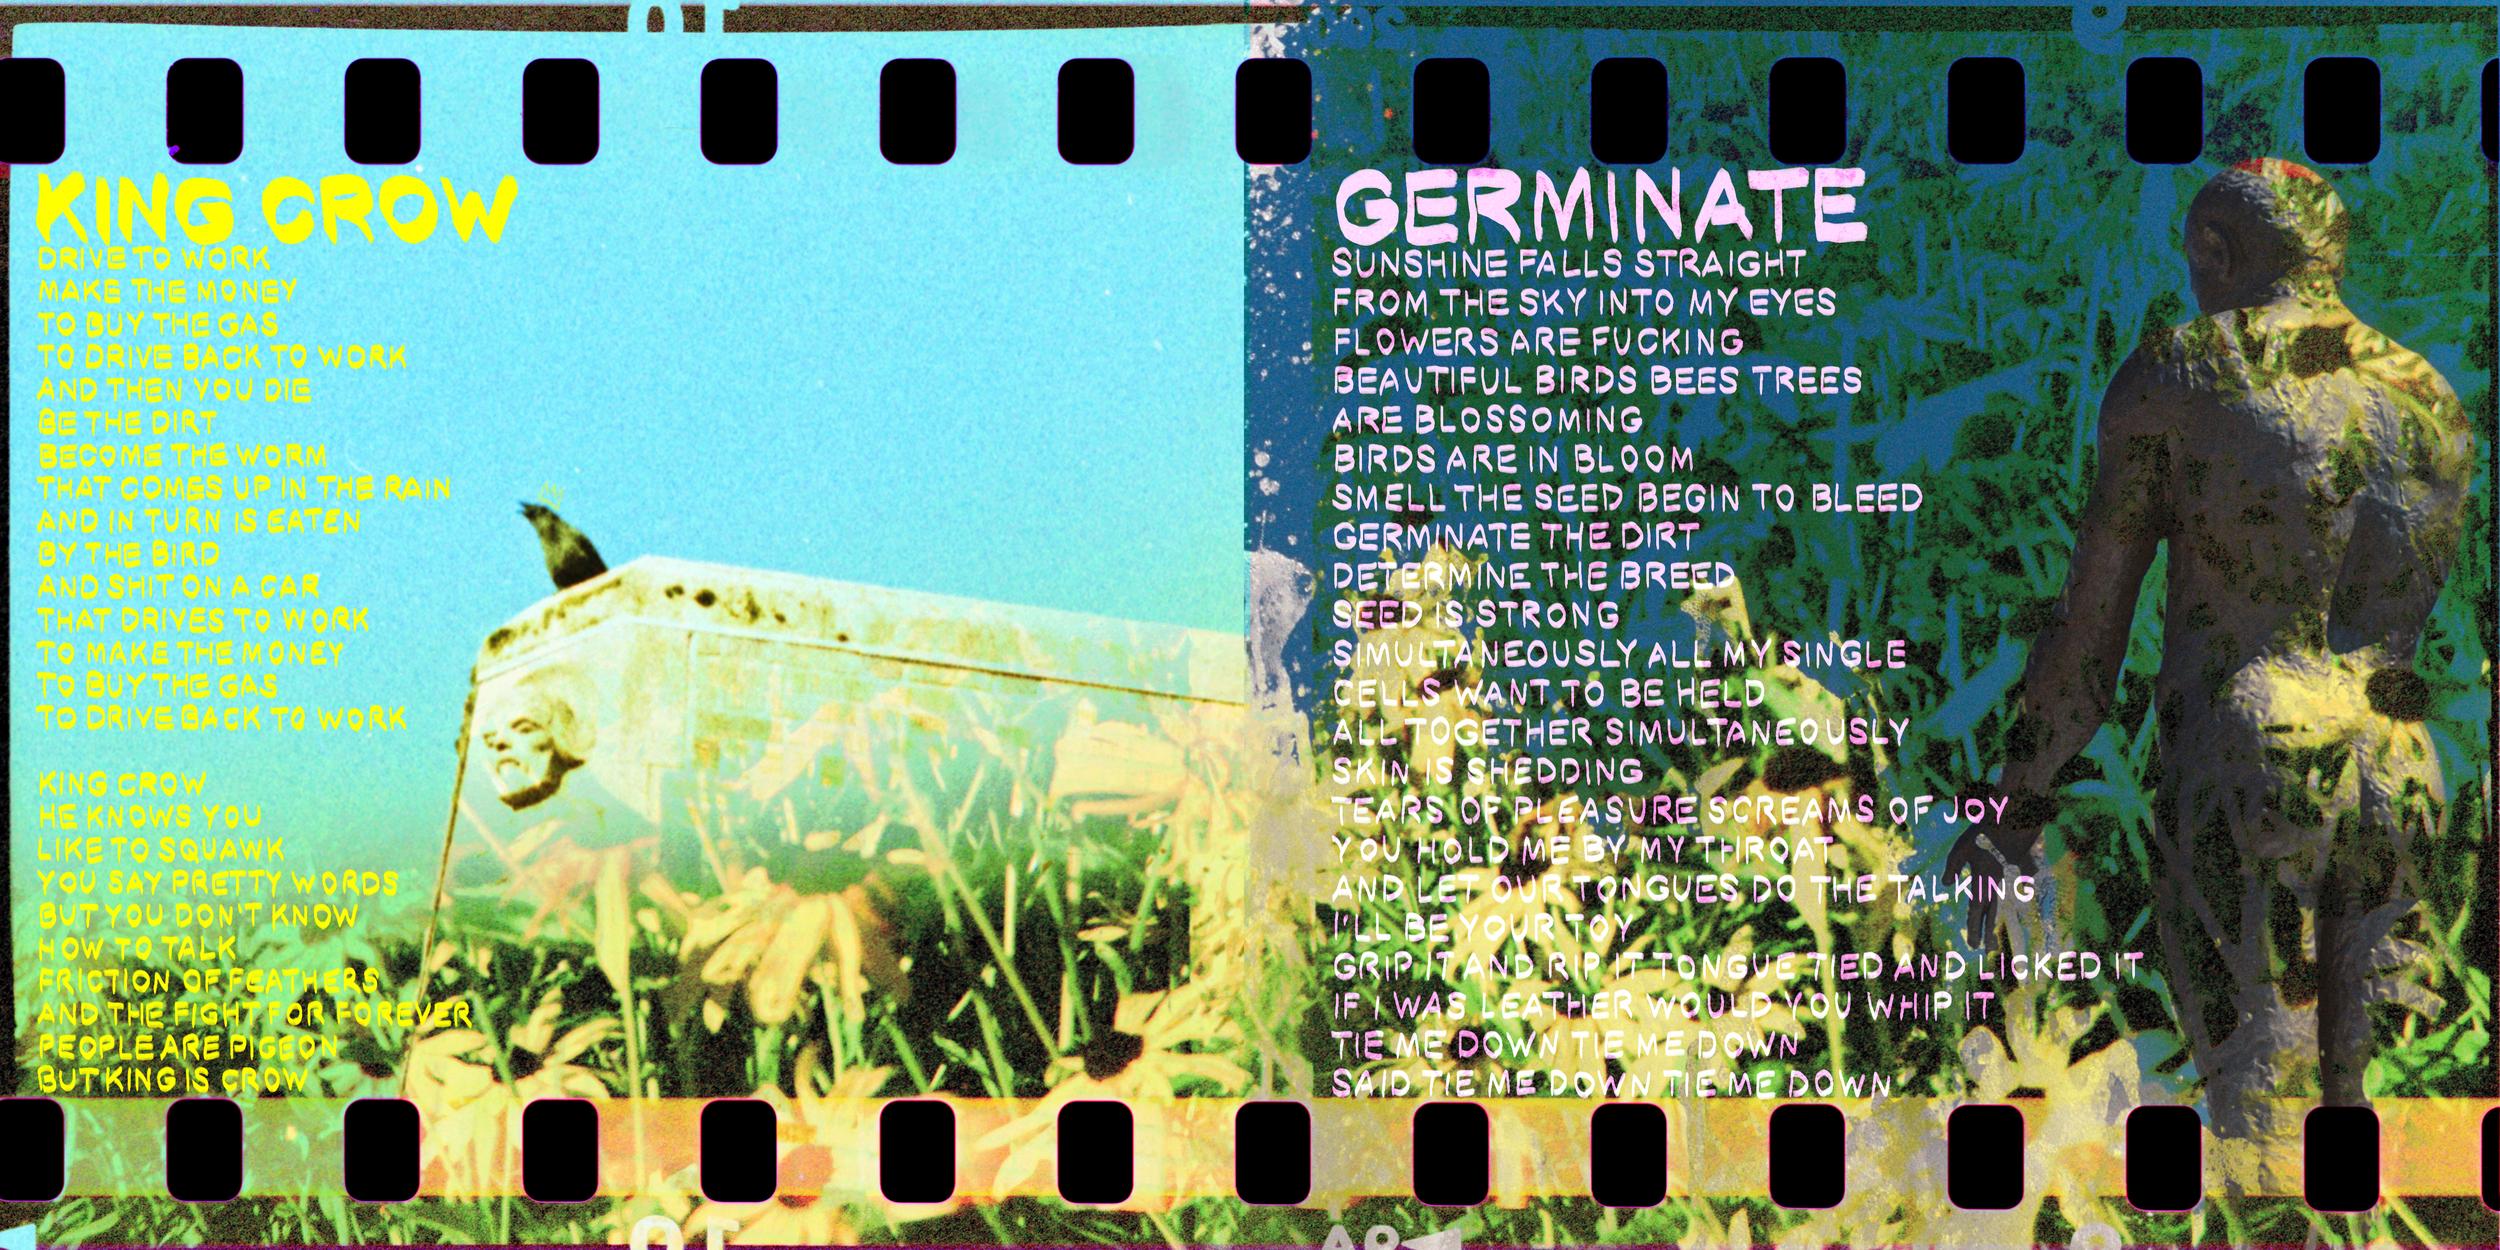 11KingCrow-GerminateBOOKLET.png